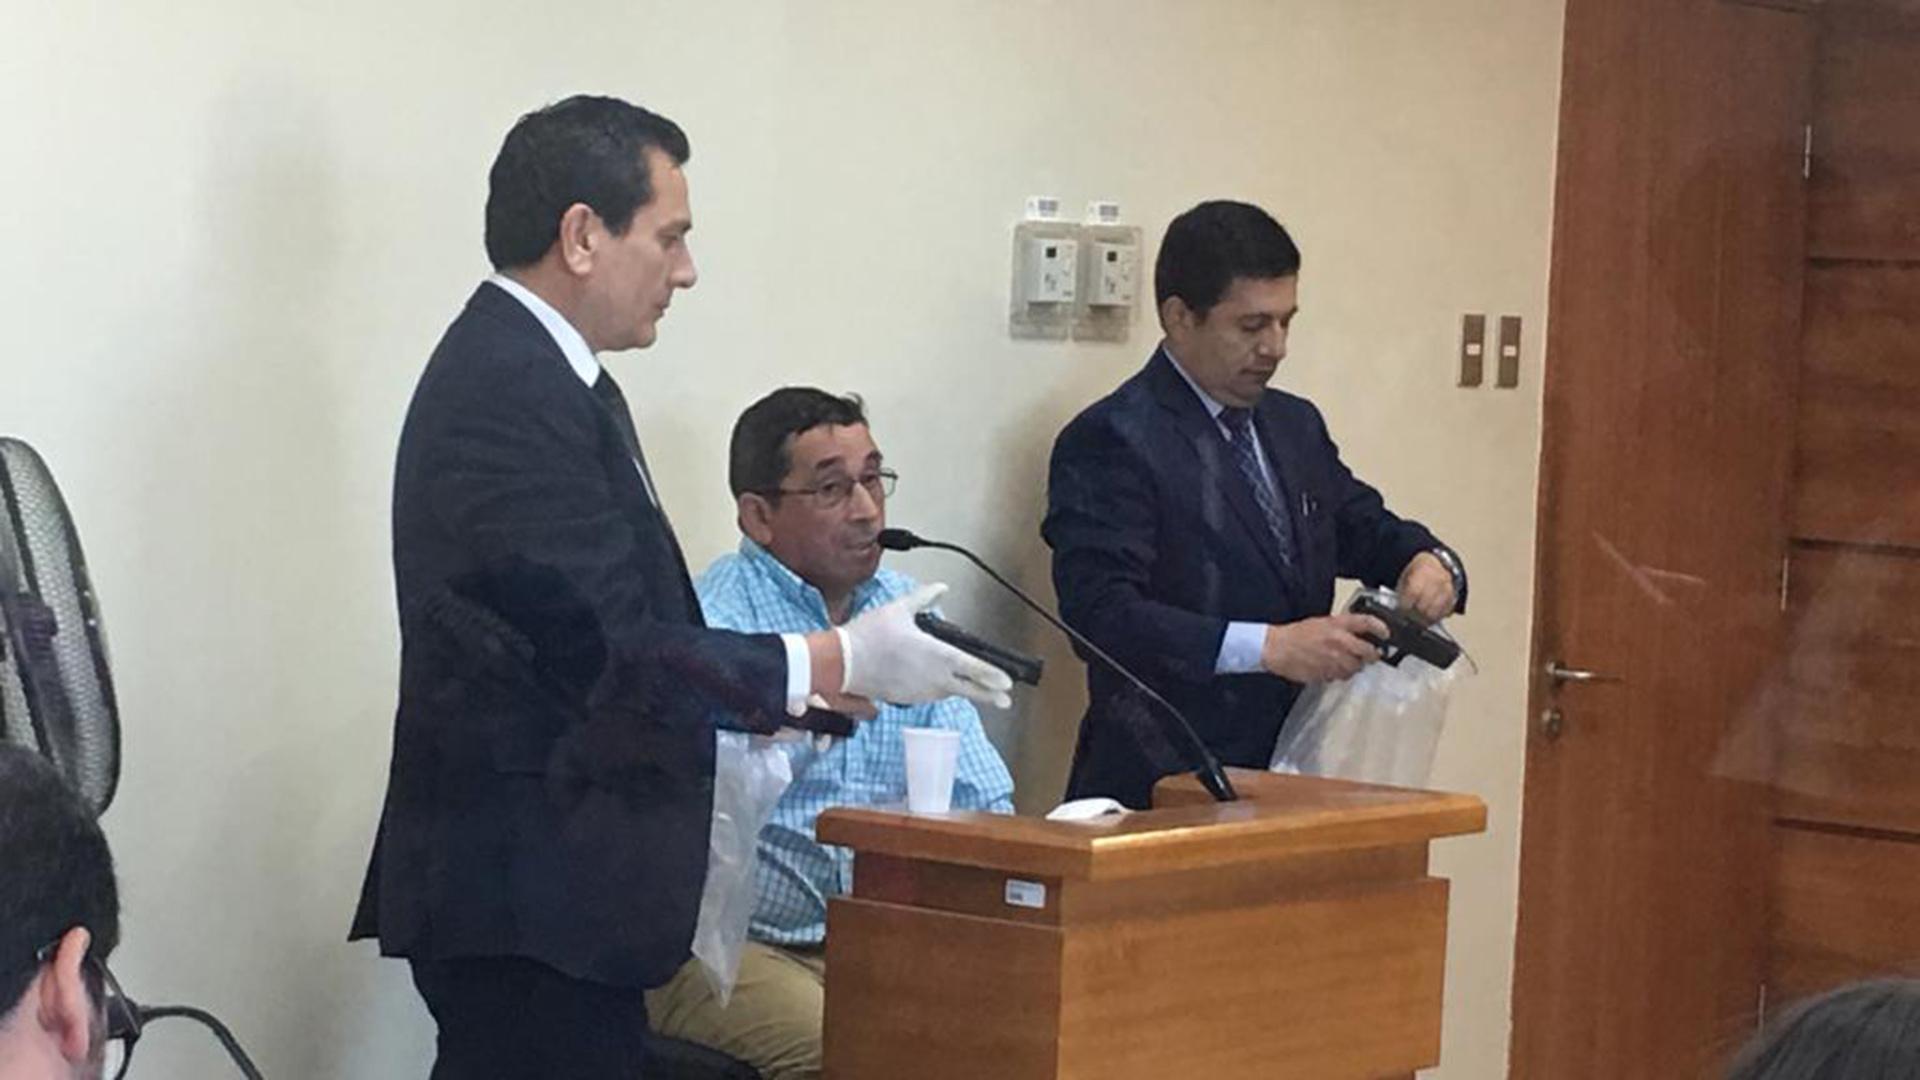 Una de las víctimas, el puestero Marcelo Riquelme, identificó junto a otros miembros de su familia el arma y vestimentas utilizadas durante el ataque porJones Huala, según acreditó la justicia chilena.